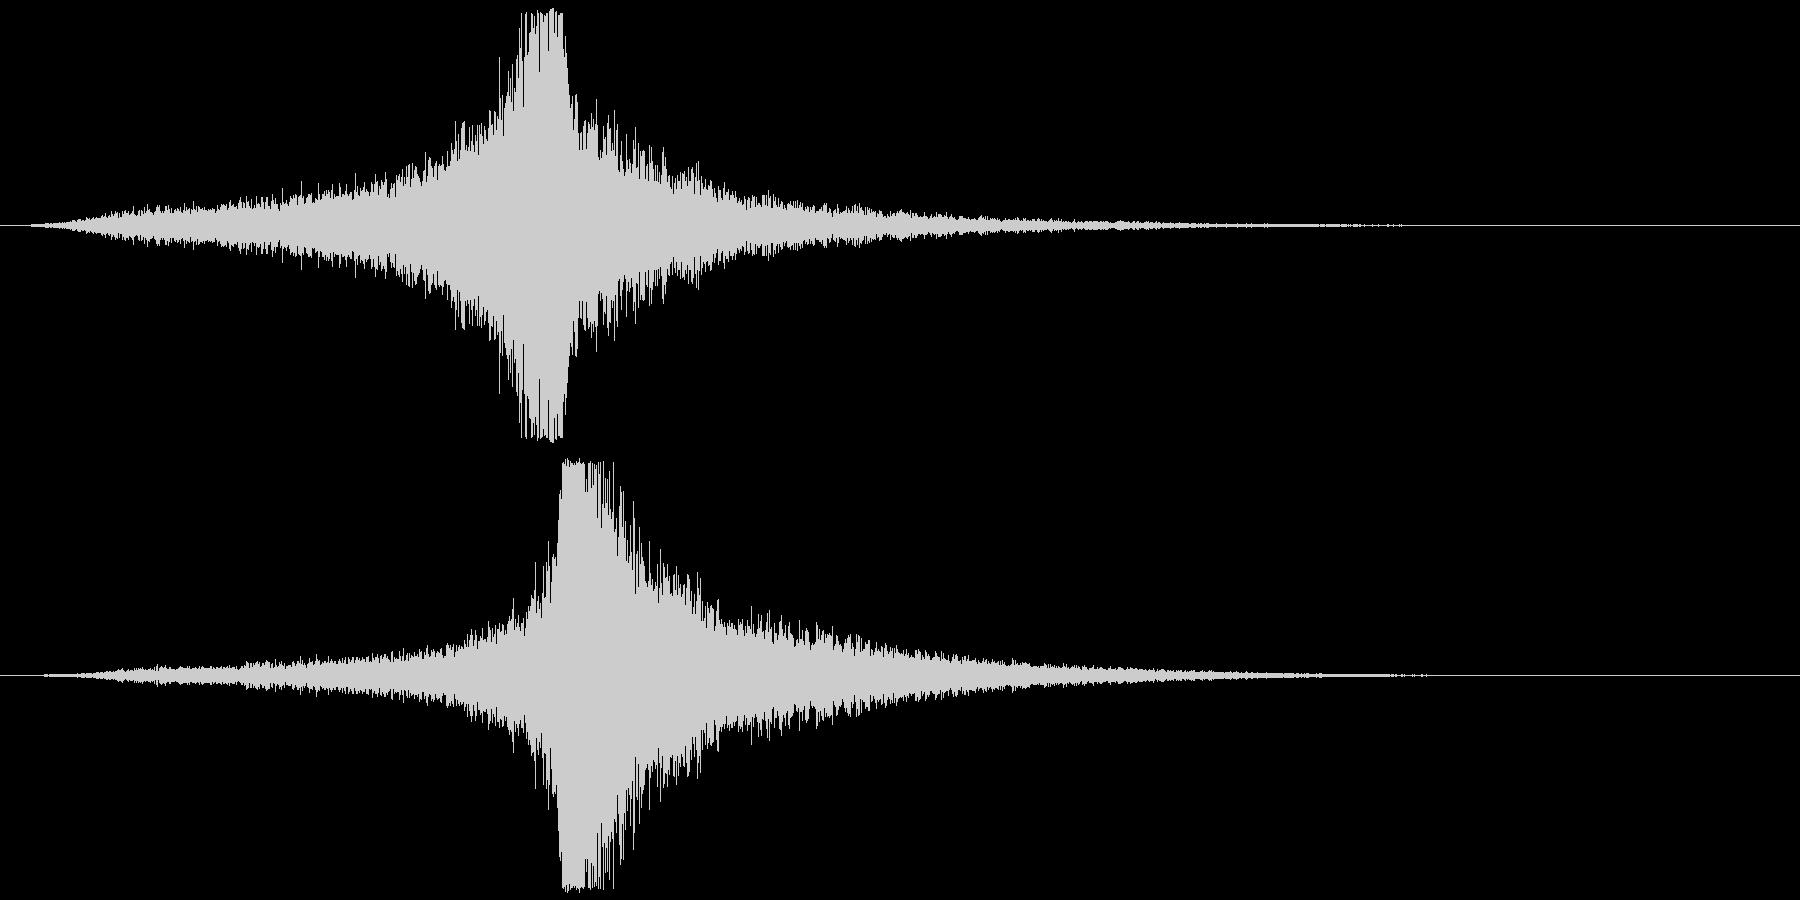 宇宙船・飛翔体#4通過 左〜右ゆっくりの未再生の波形